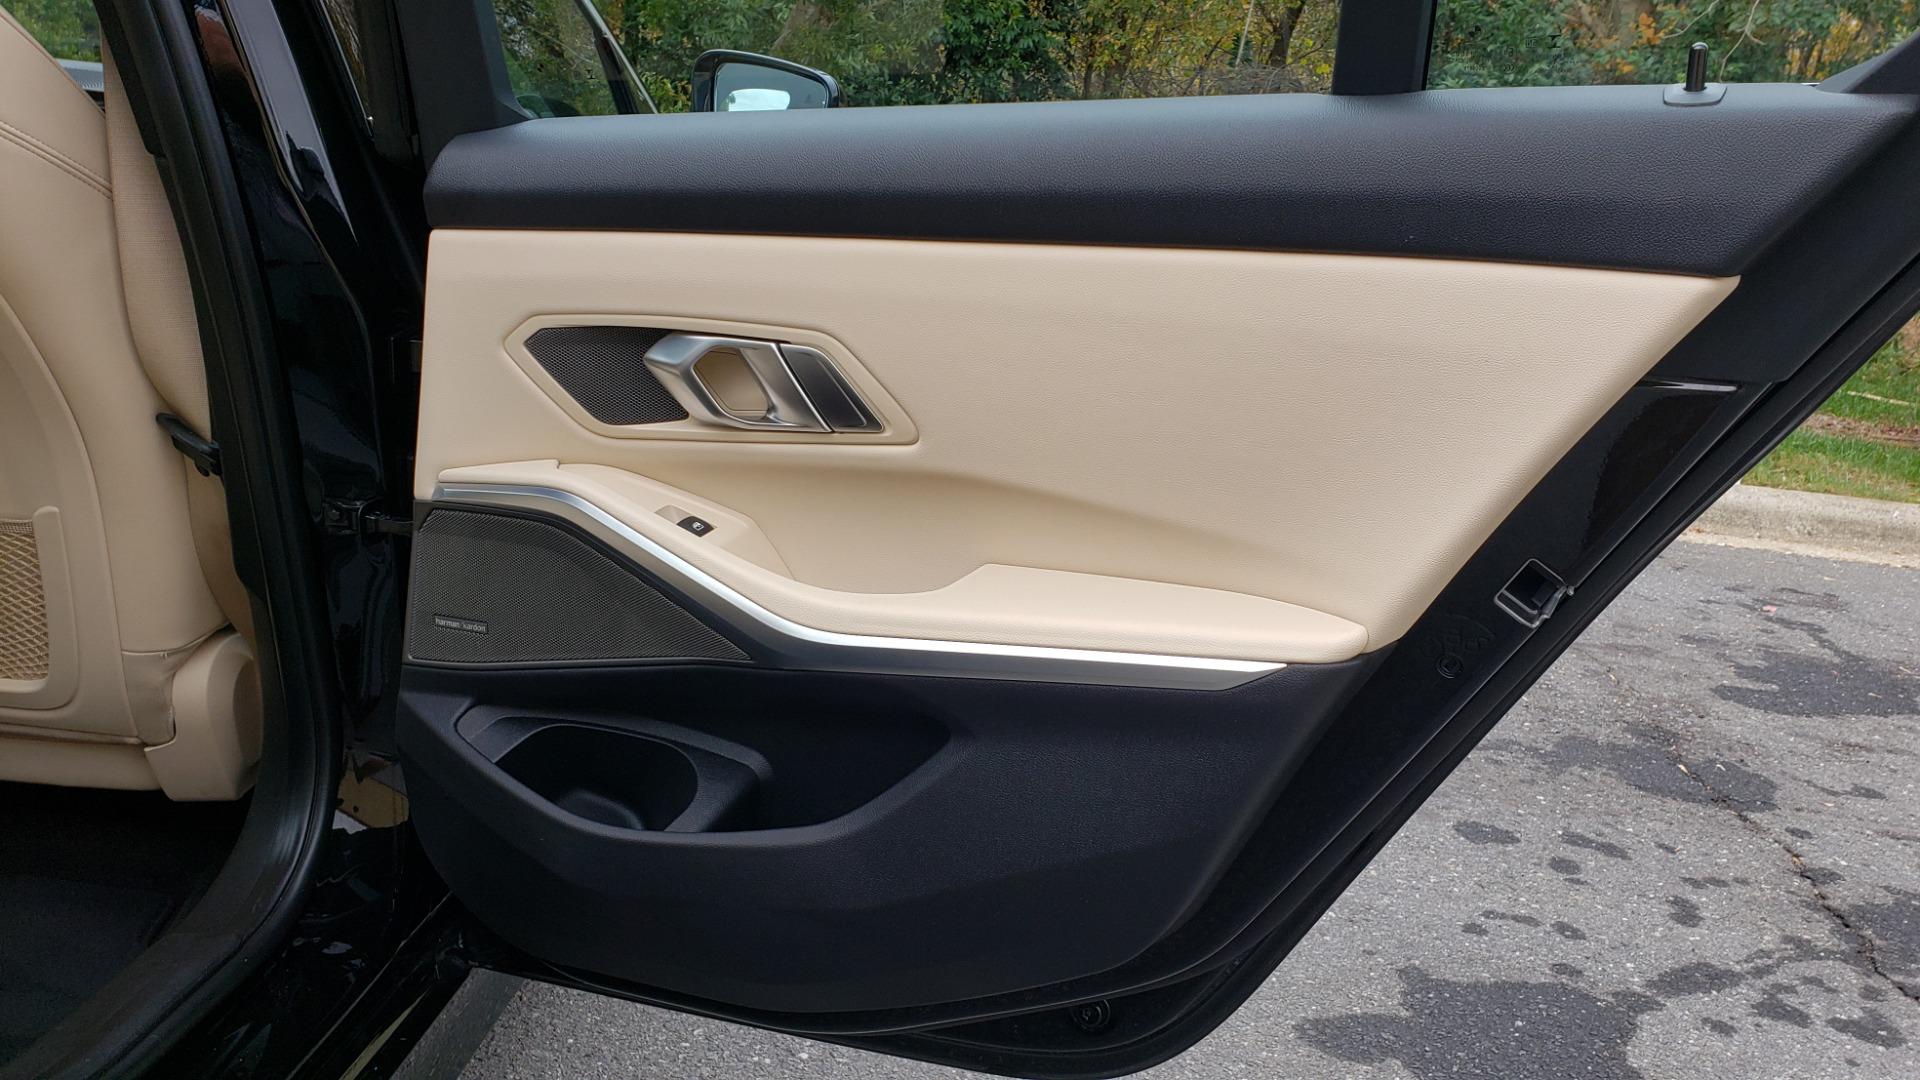 Used 2019 BMW 3 SERIES 330I PREM PKG / NAV / CONV PKG / H&K SND / LIVE COCKPIT PRO for sale Sold at Formula Imports in Charlotte NC 28227 73